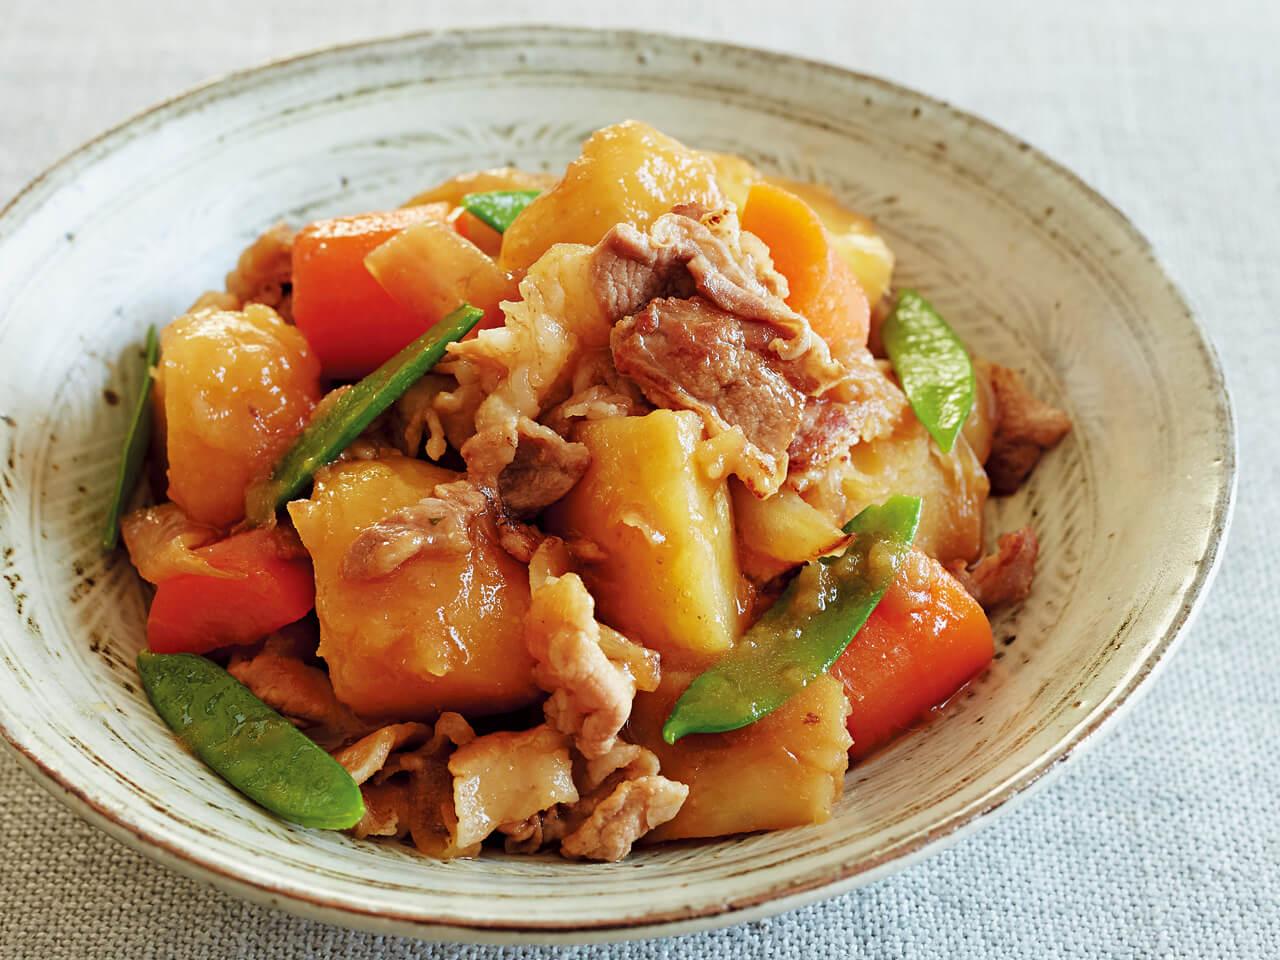 フライパンで「肉じゃが」レシピ/小林まさみさん